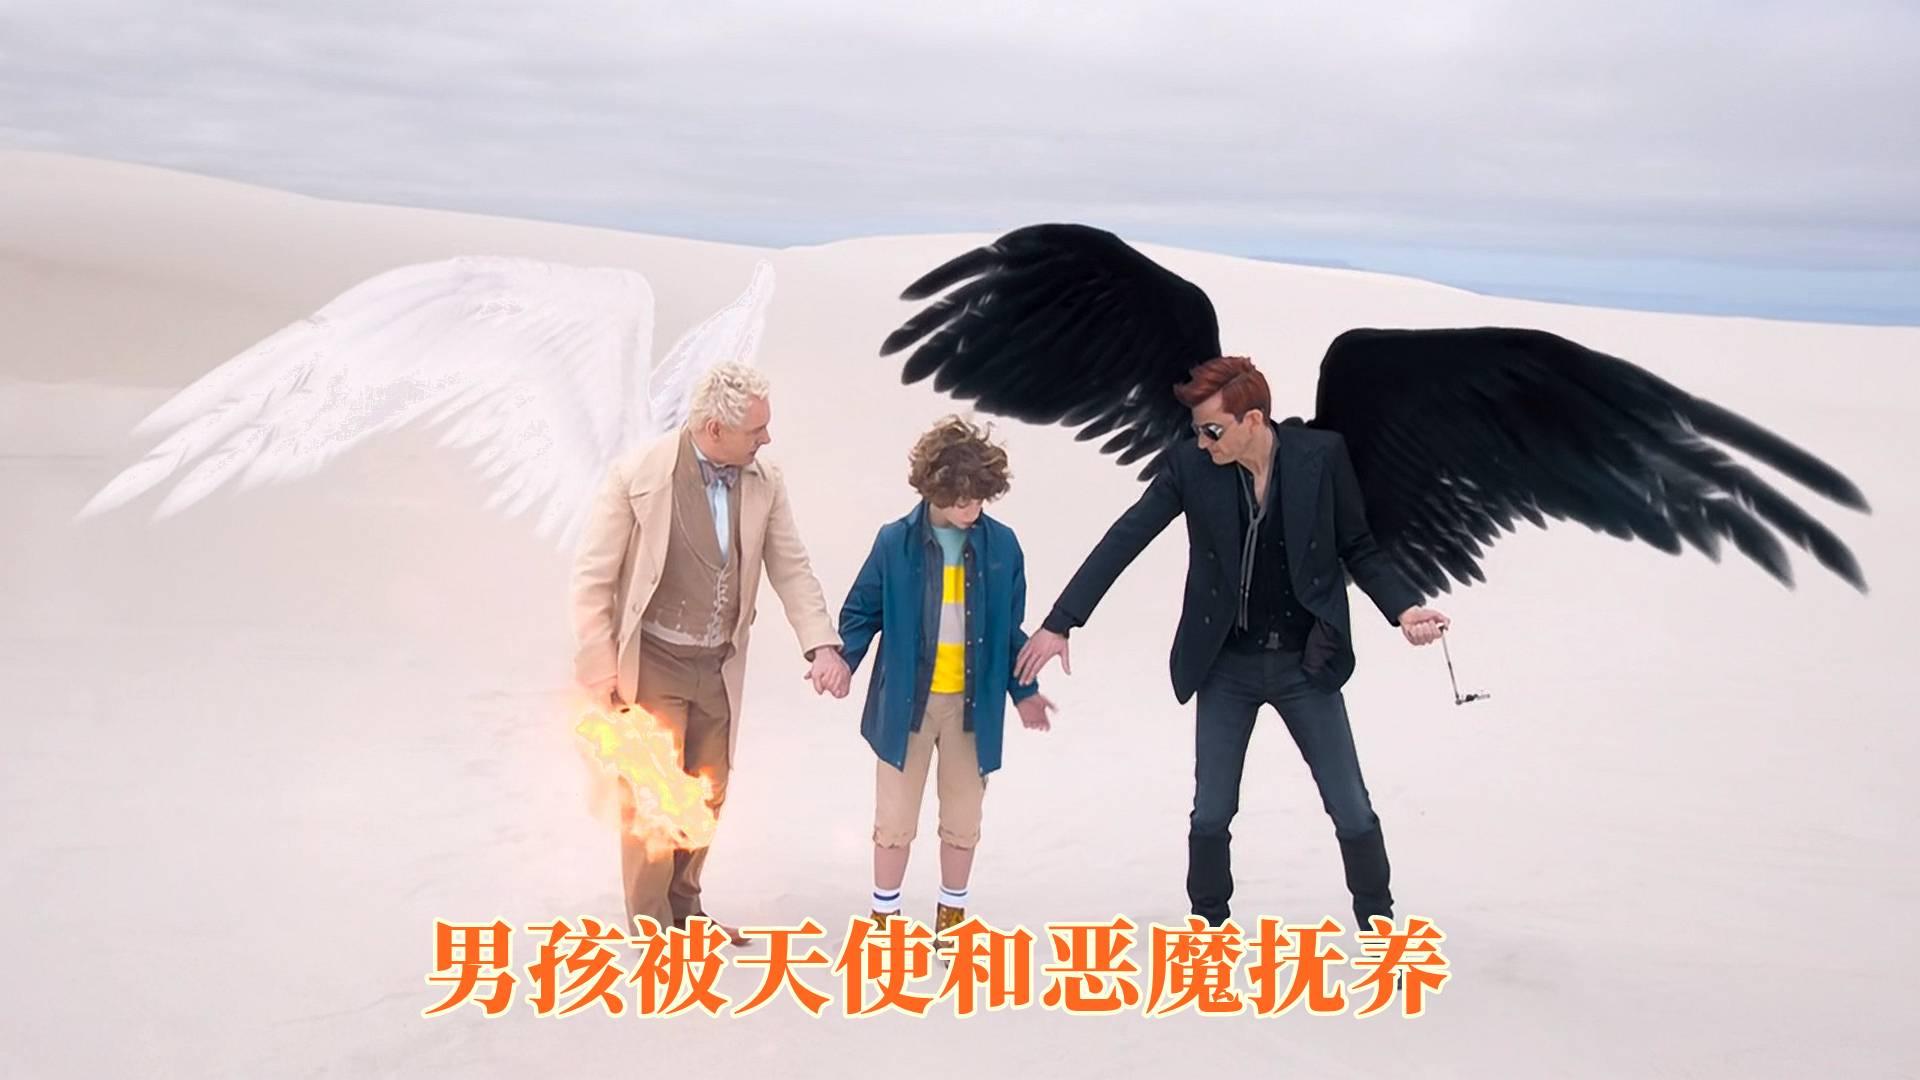 小男孩被天使和恶魔抚养,恶魔撒旦是他的老爸,魔幻动作电影